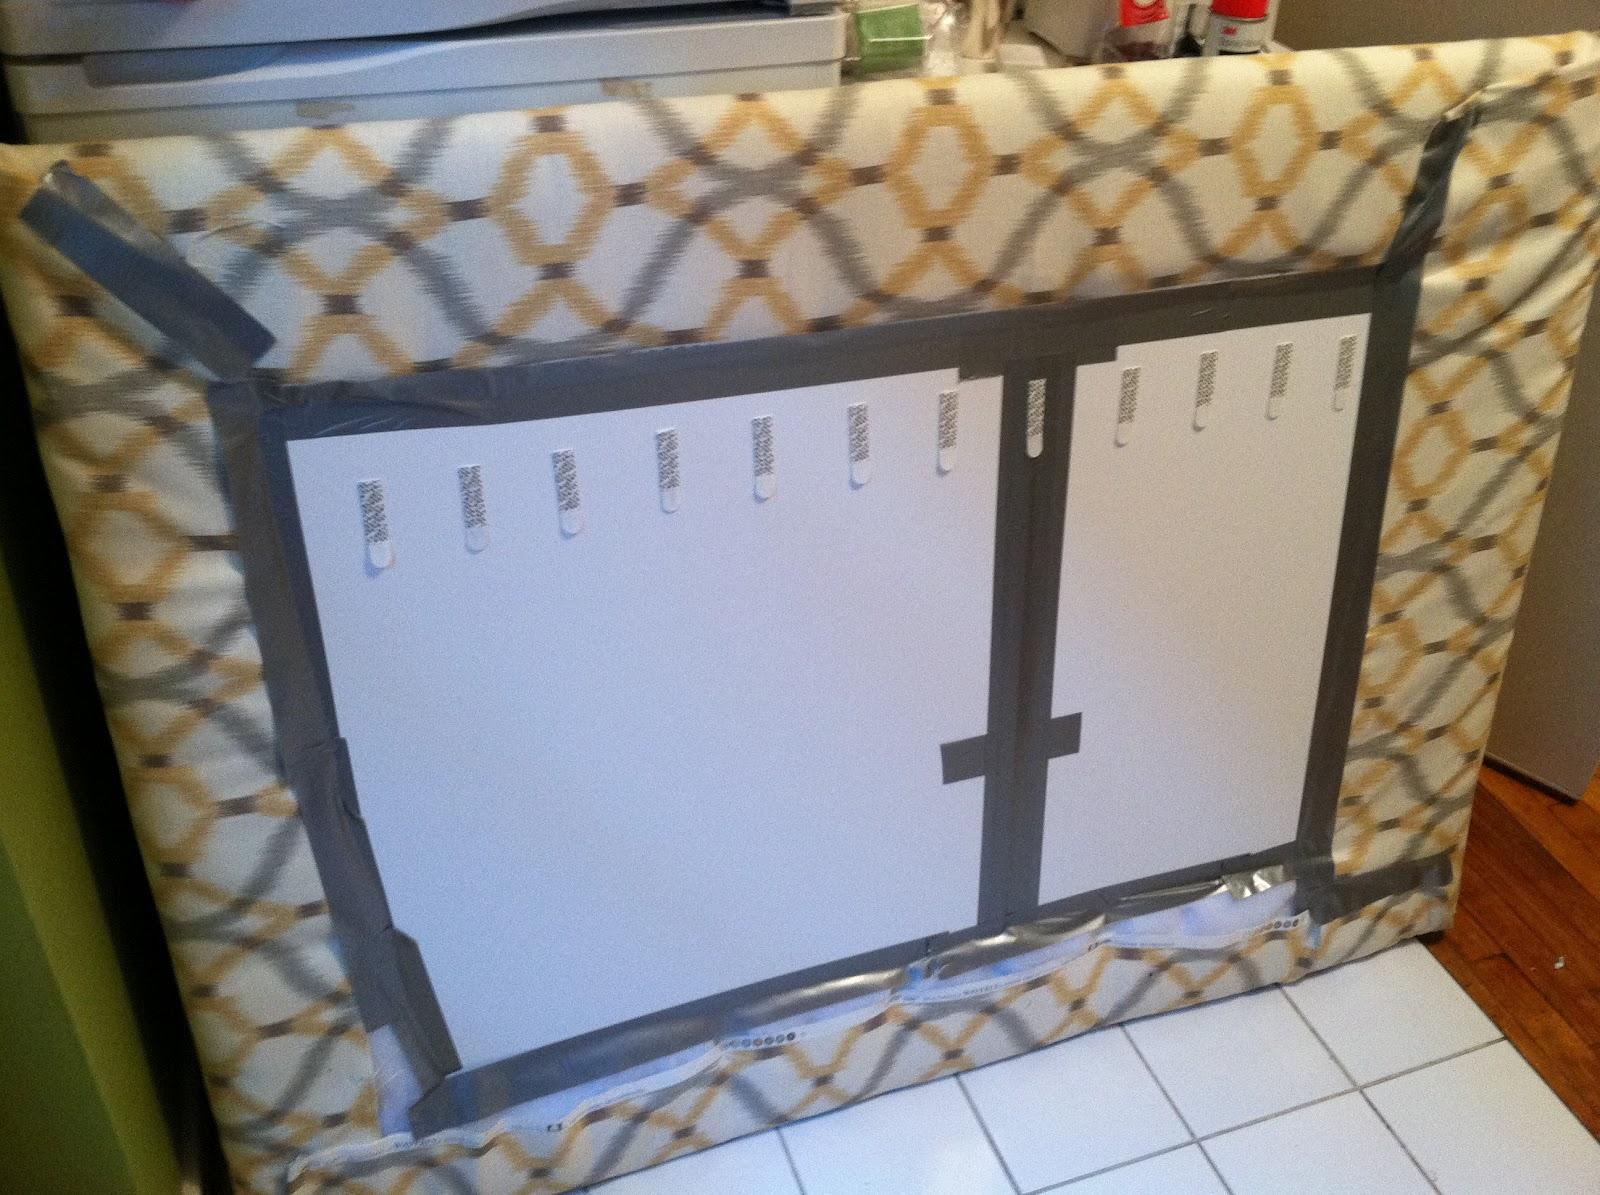 http://3.bp.blogspot.com/-wHWh1YCOBe4/T1nzSJJTLlI/AAAAAAAACEM/W1NzoAyztr4/s1600/foamcore+head+board+7.JPG